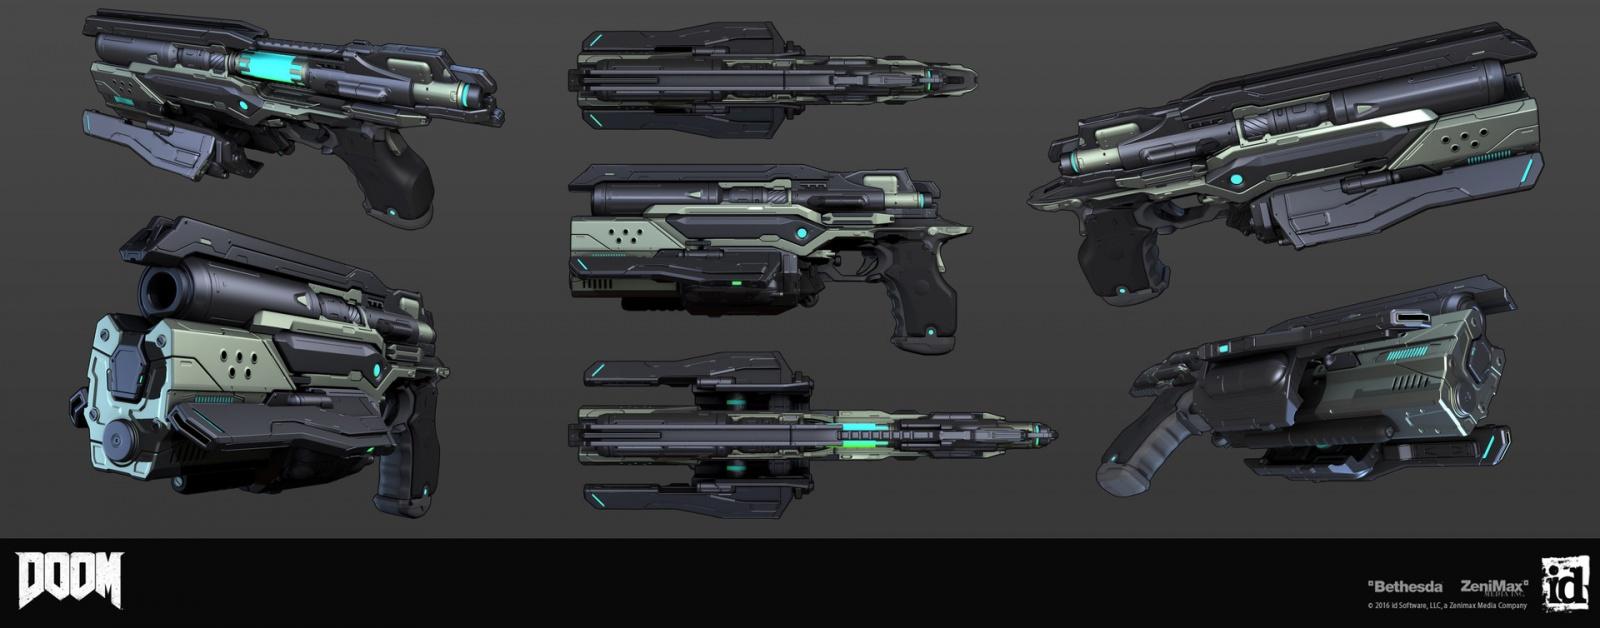 Как создавались пушки для Doom - 6